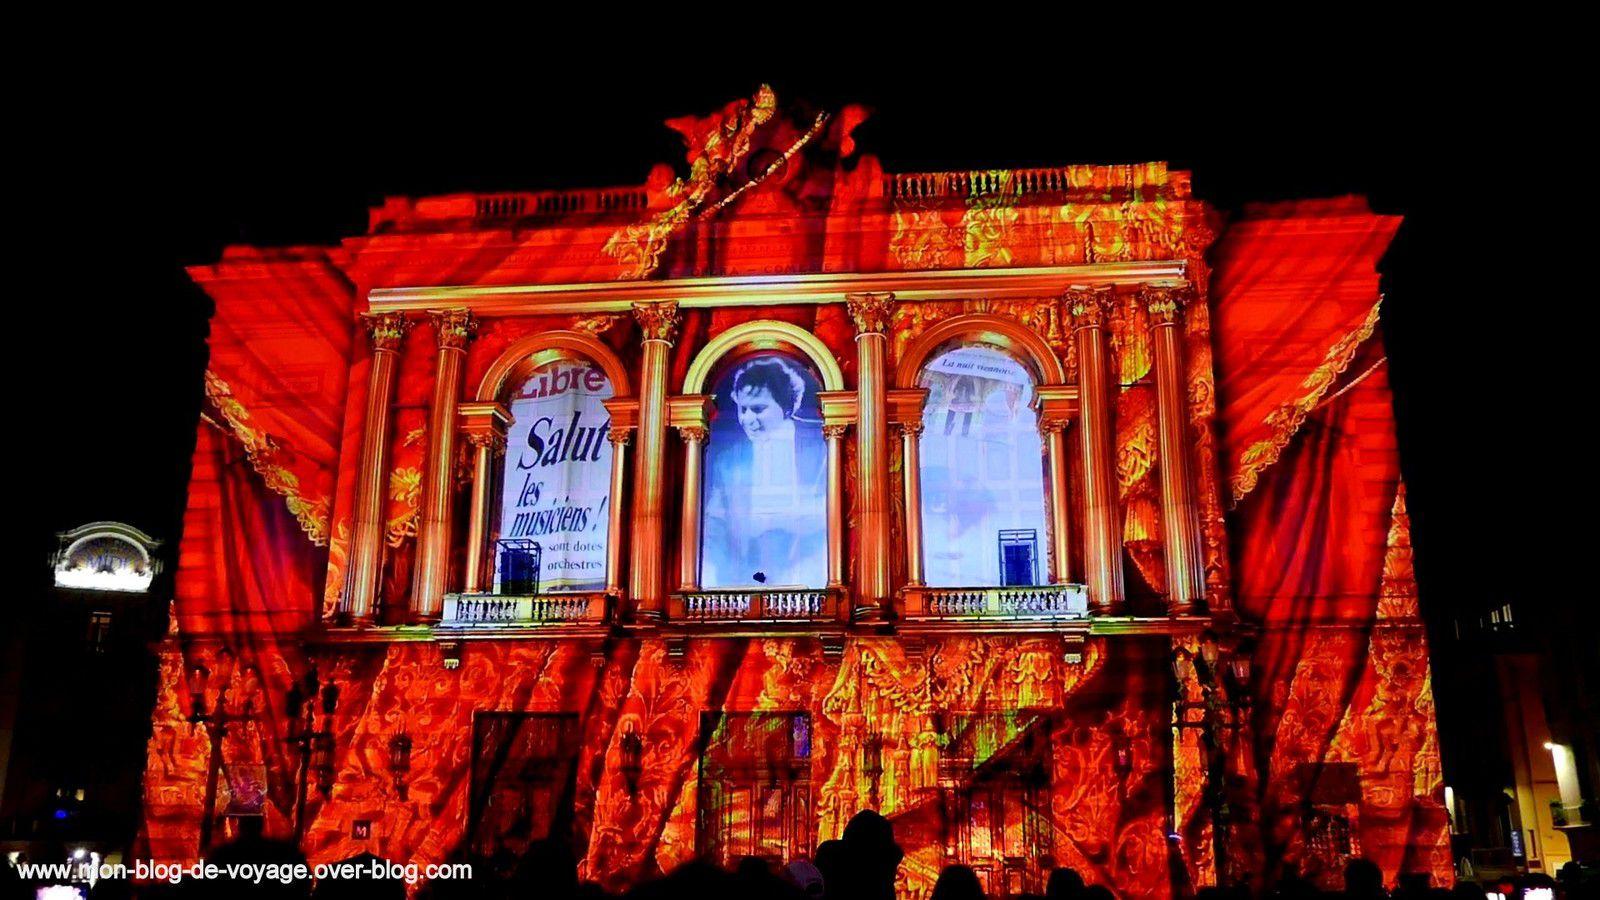 Mapping sur la façade de l'opéra Comédie la grande surprise de cette nouvelle édition (novembre 2019, images personnelles)